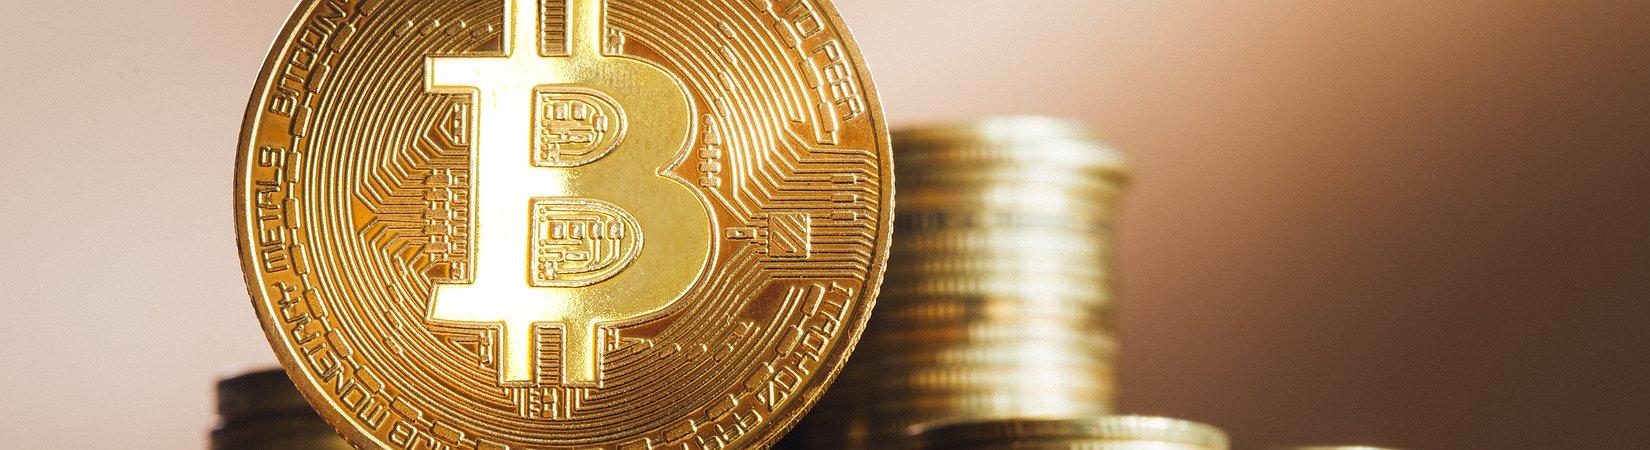 Il prezzo del bitcoin supera i 4.200 dollari